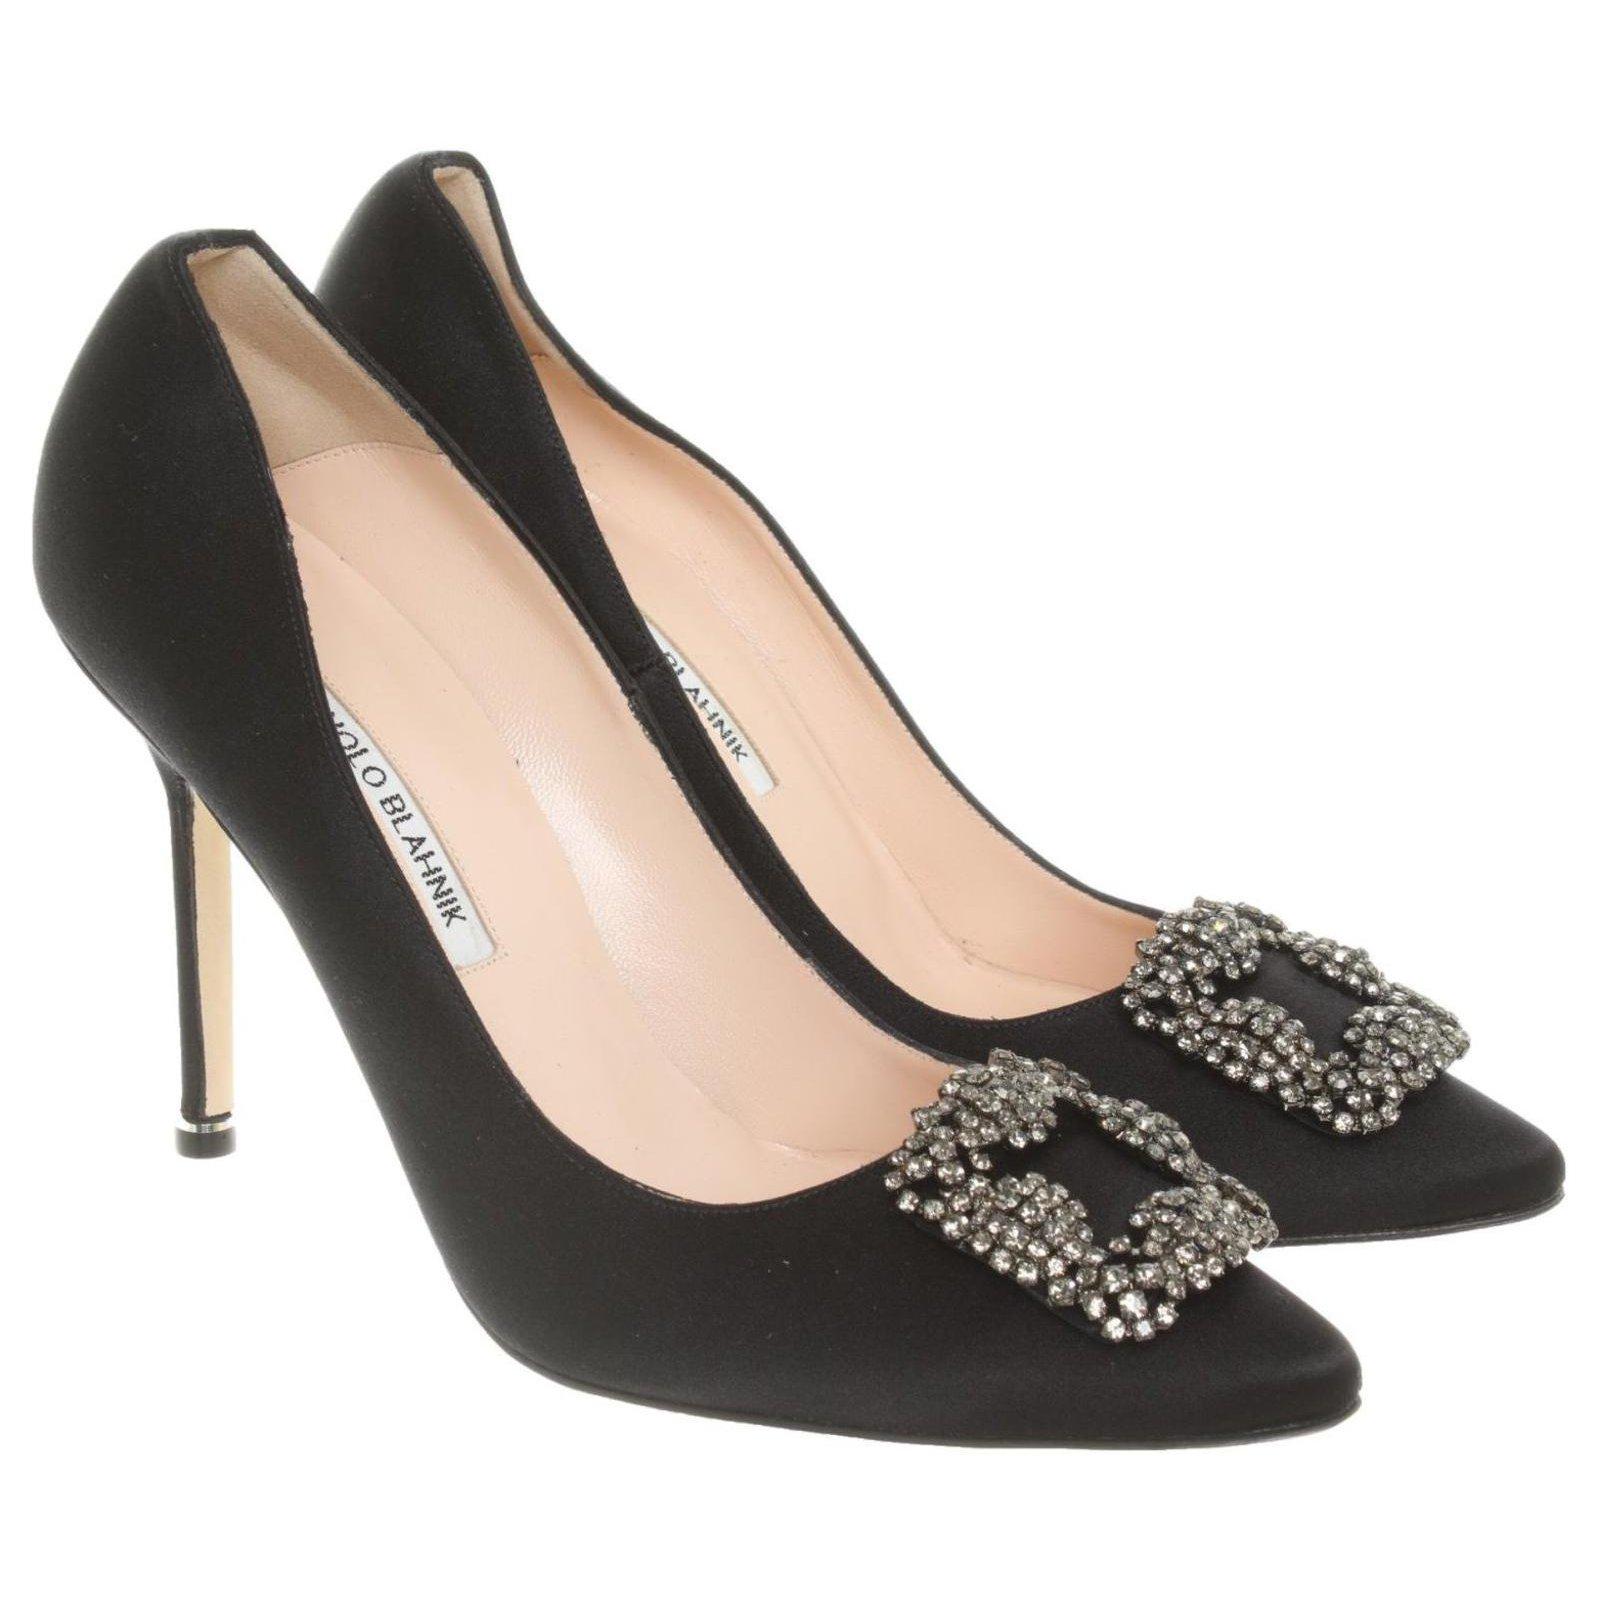 chaussures femmes cher Manolo Blahnik